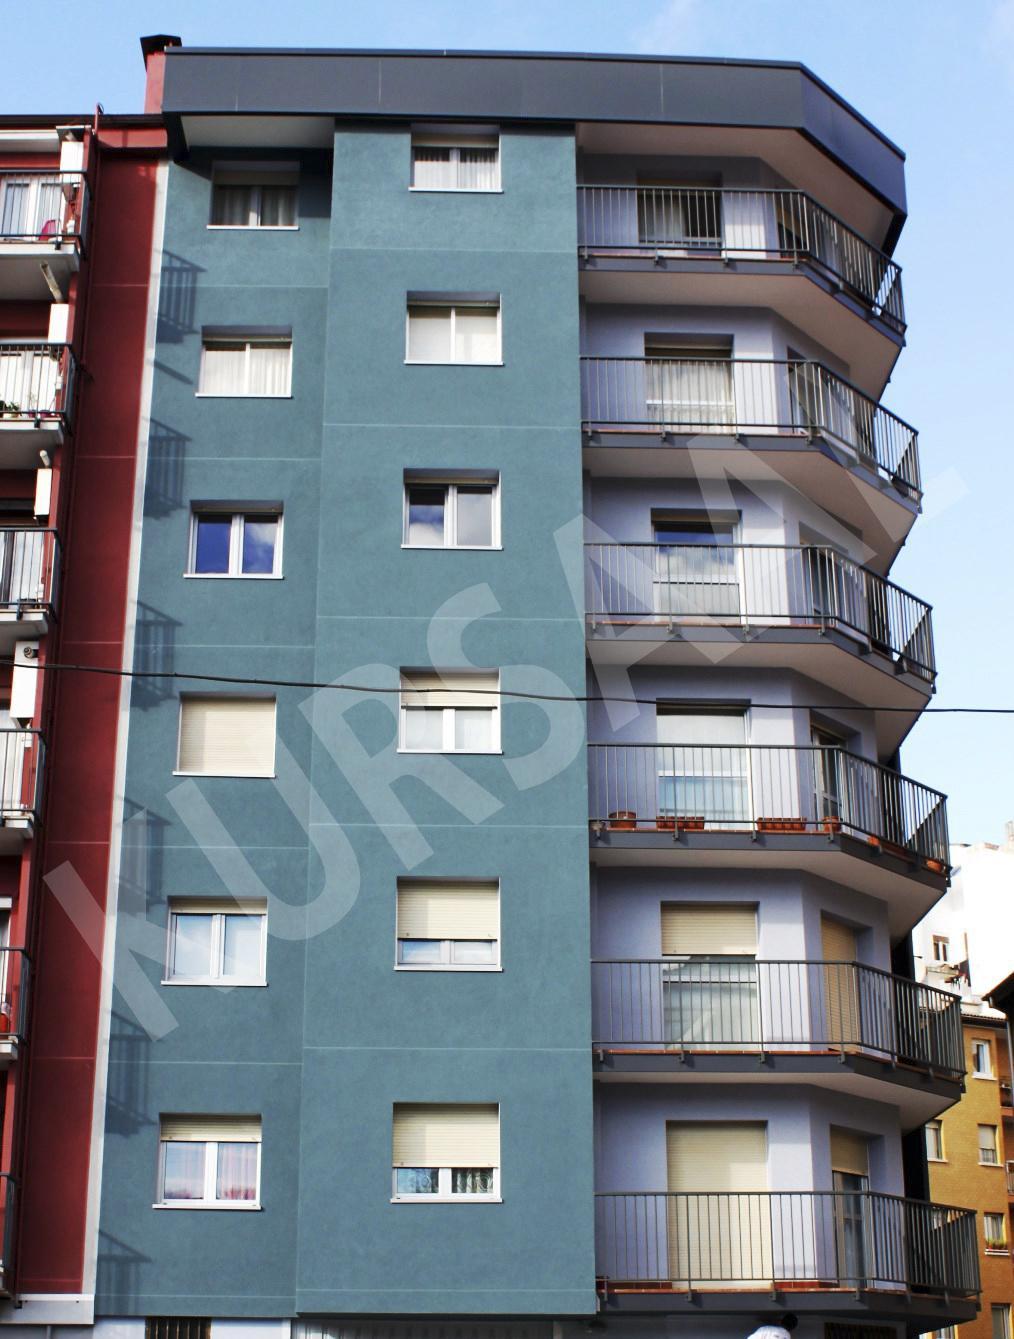 foto 2 - Aislamientos Térmicos y Eficiencia Energética-Kupeldegi 2-PASAIA, GIPUZKOA